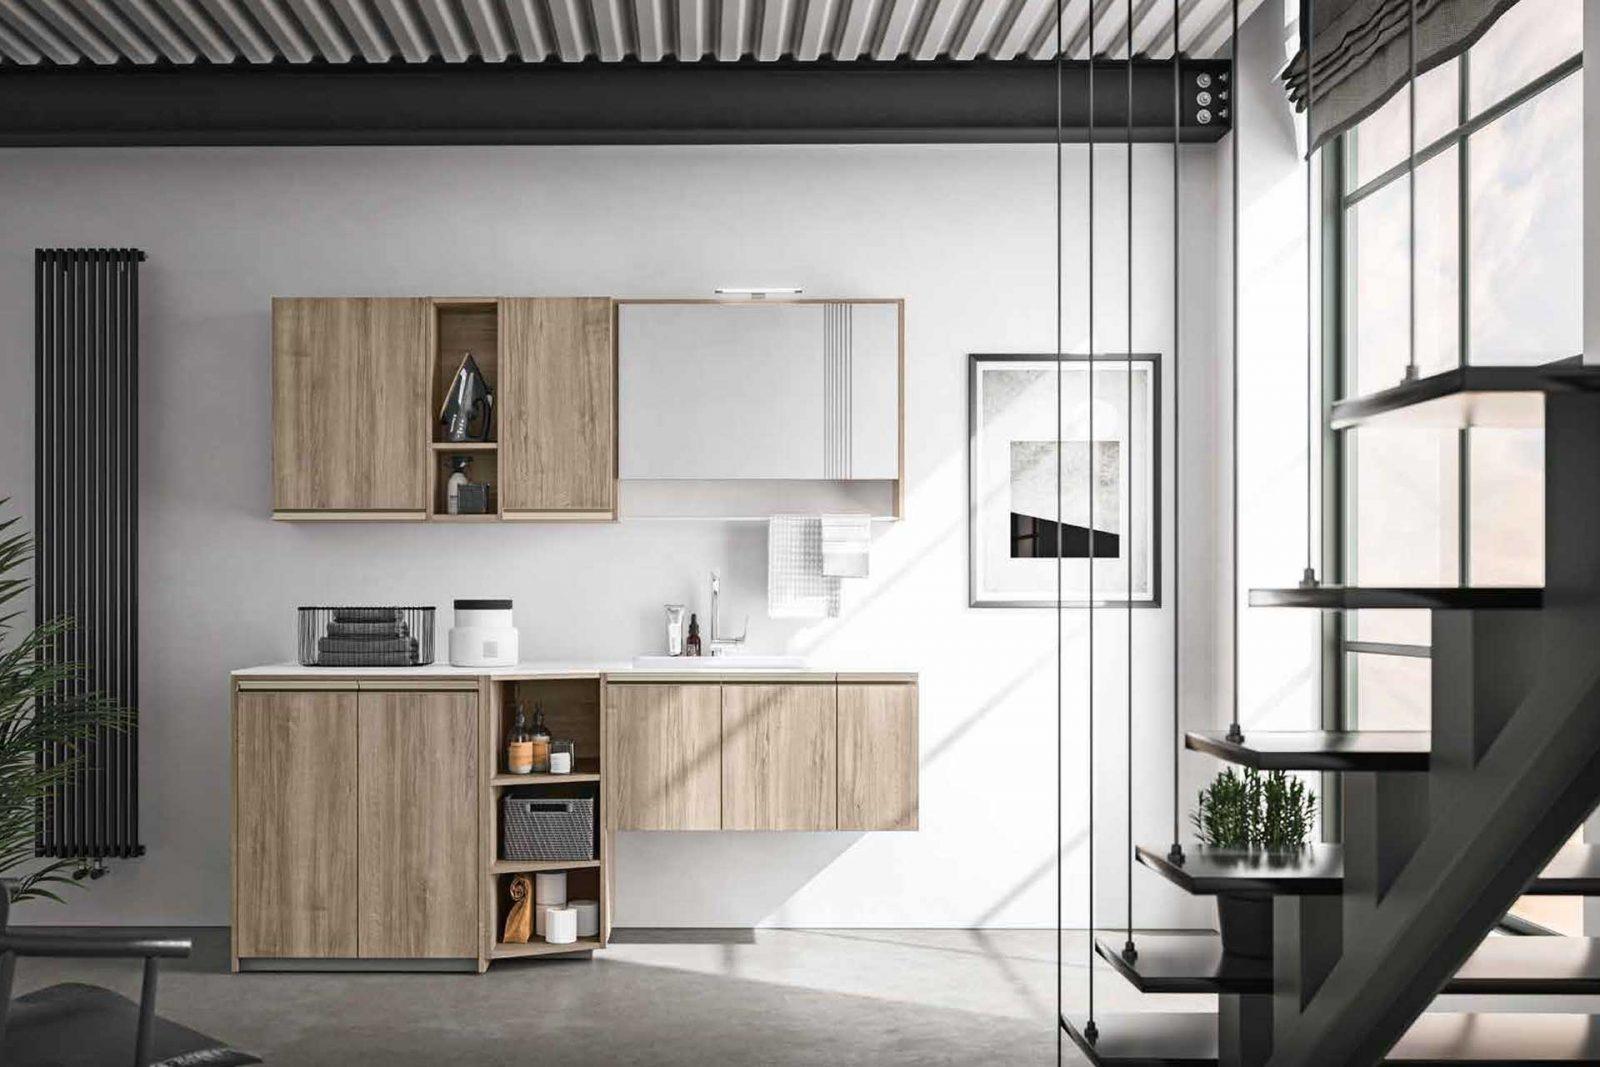 Mobile Bagno Con Colonna Lavatrice lavanderia , lavanderia domestica, stireria, locali di servizio